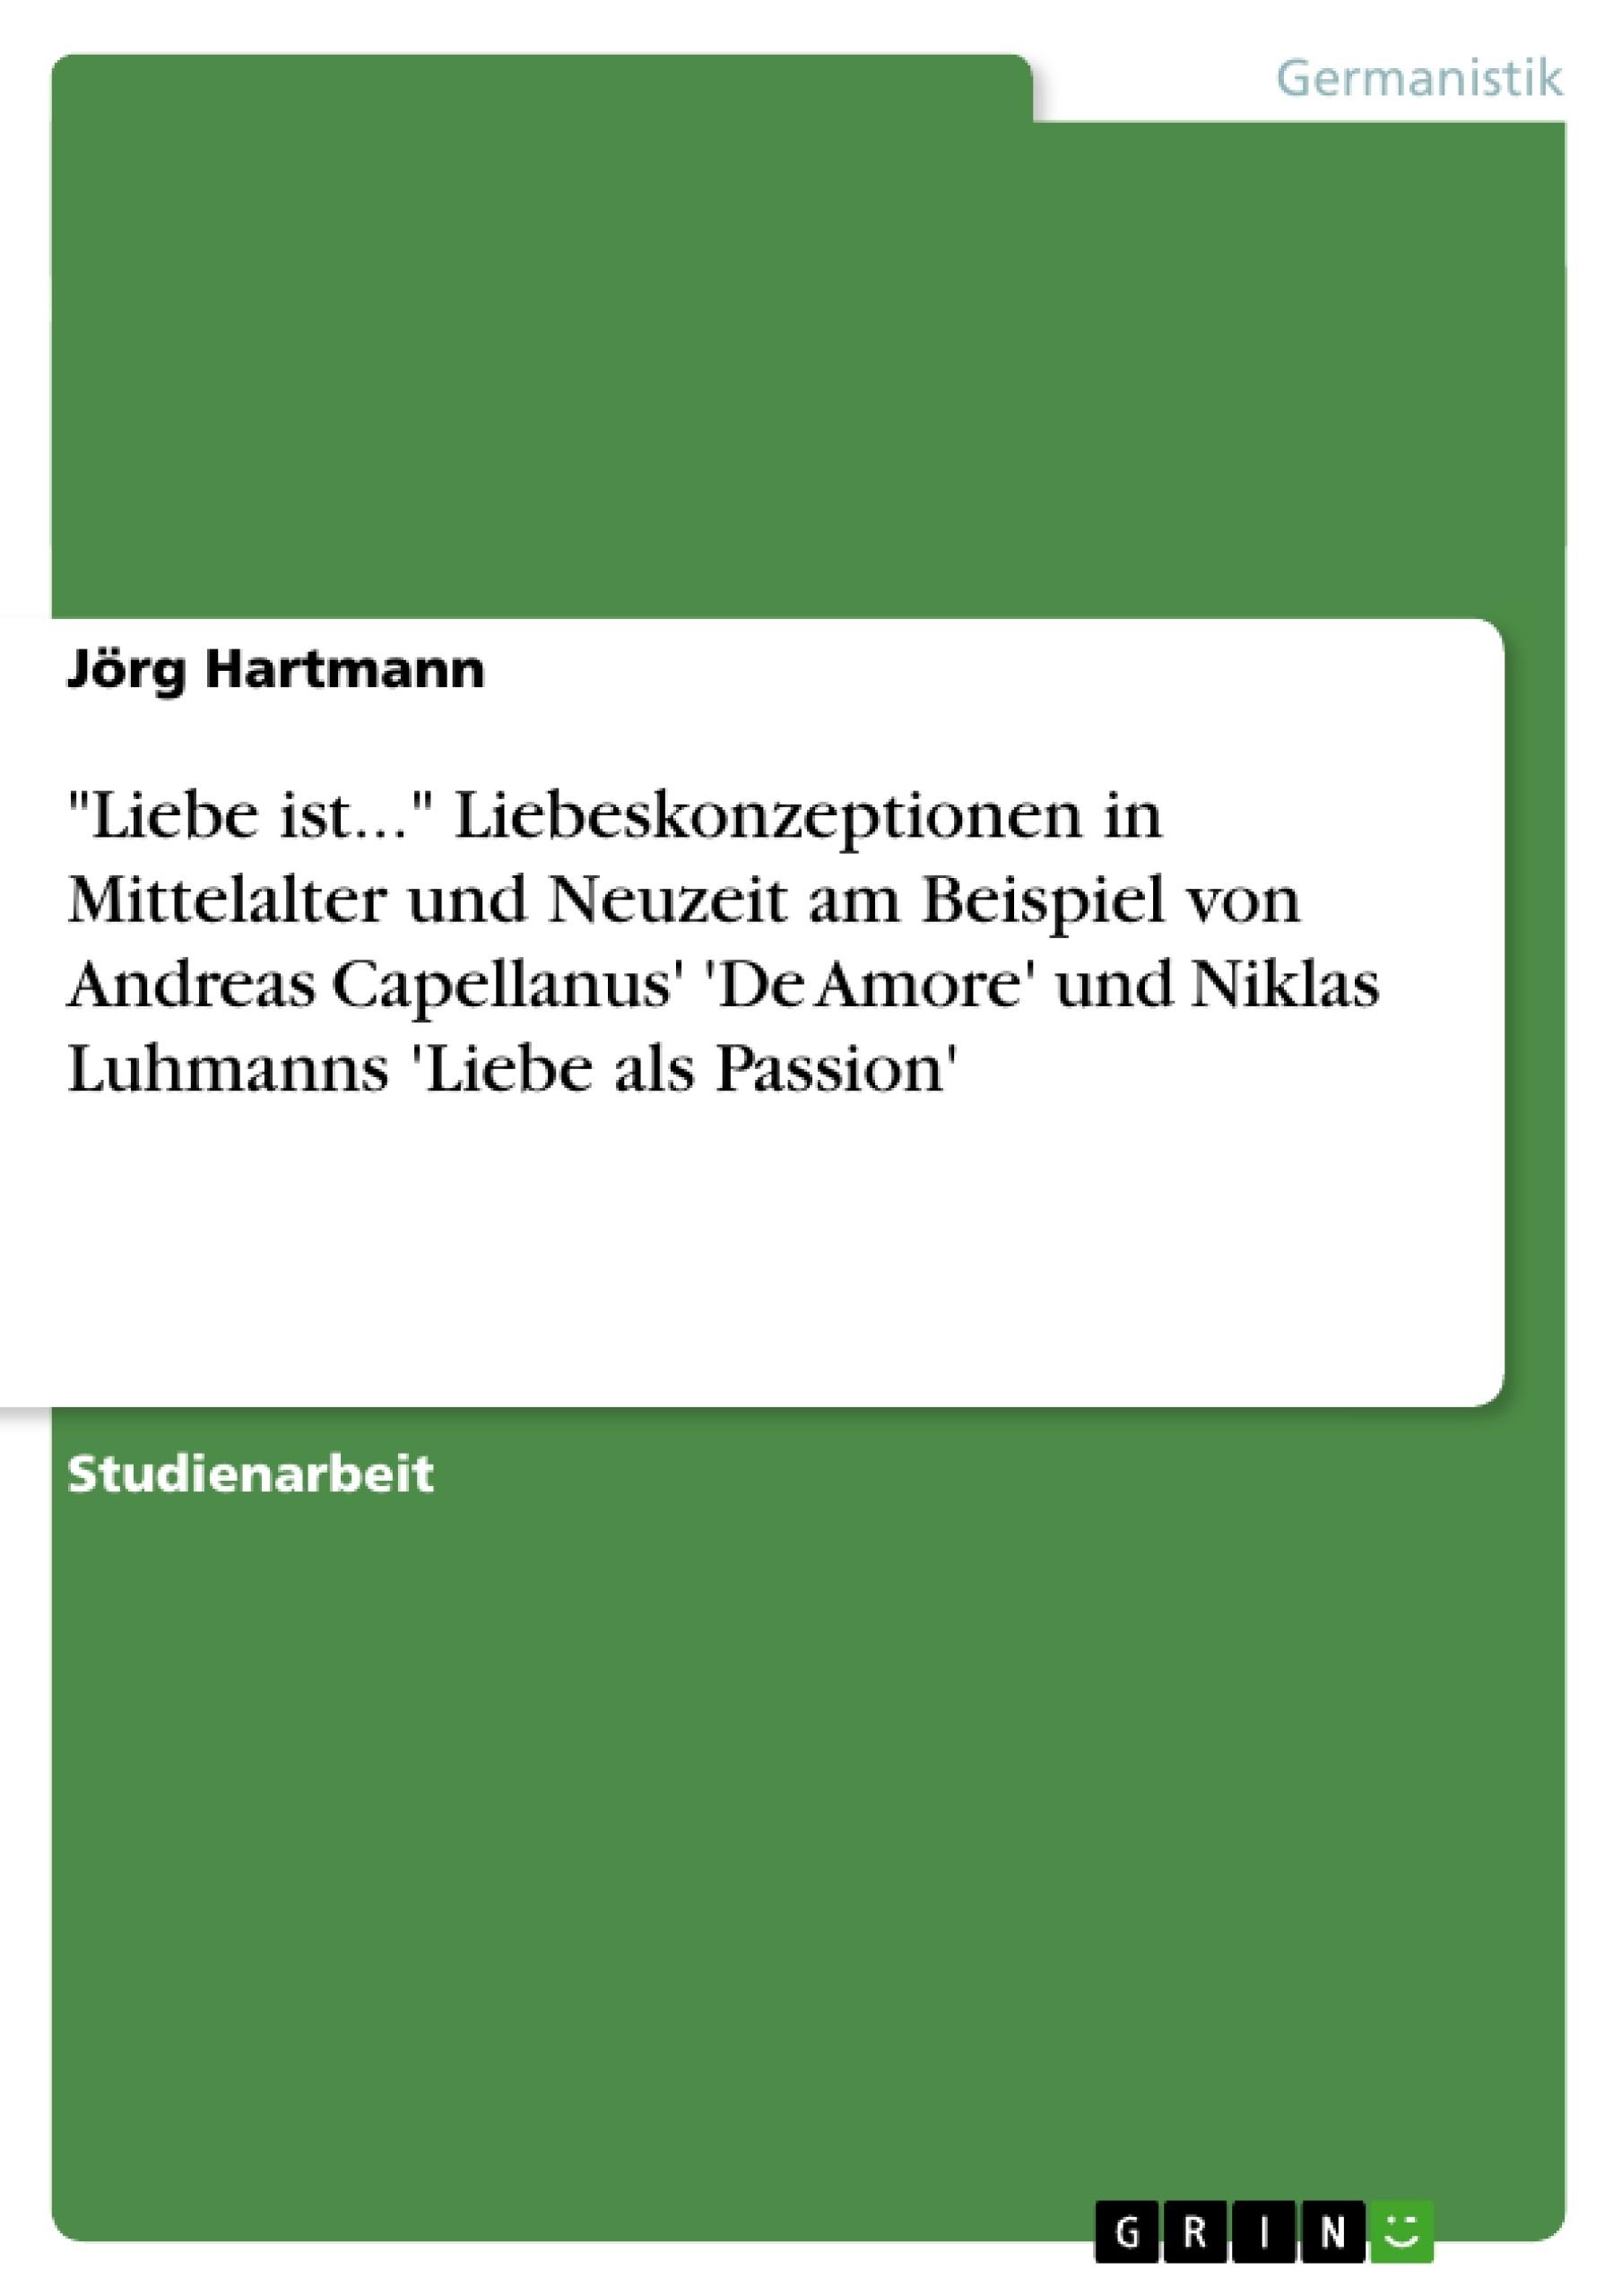 """Titel: """"Liebe ist..."""" Liebeskonzeptionen in Mittelalter und Neuzeit am Beispiel von Andreas Capellanus' 'De Amore' und Niklas Luhmanns 'Liebe als Passion'"""